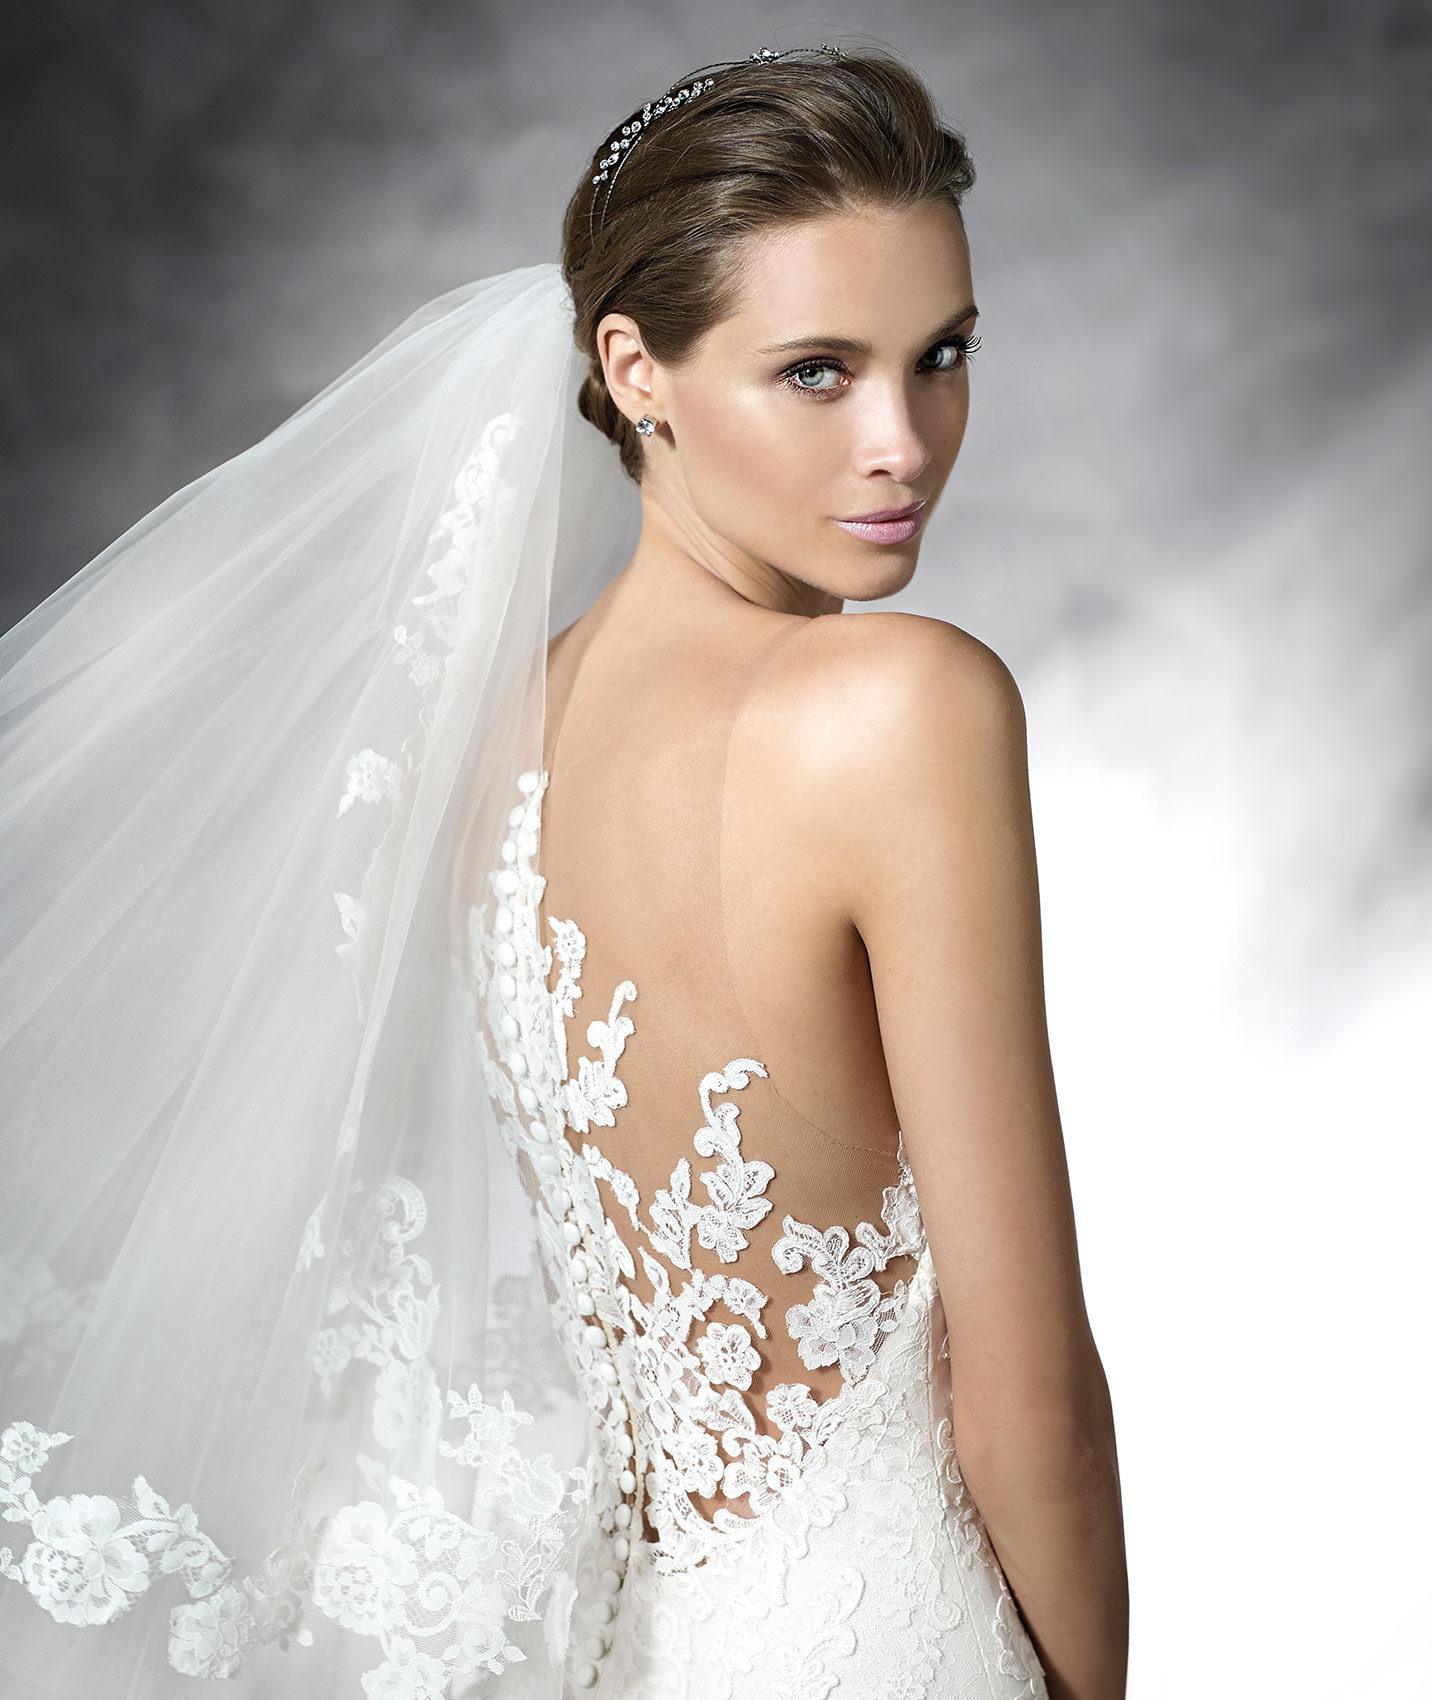 фотомодели для свадебных магазинов только самая высокая